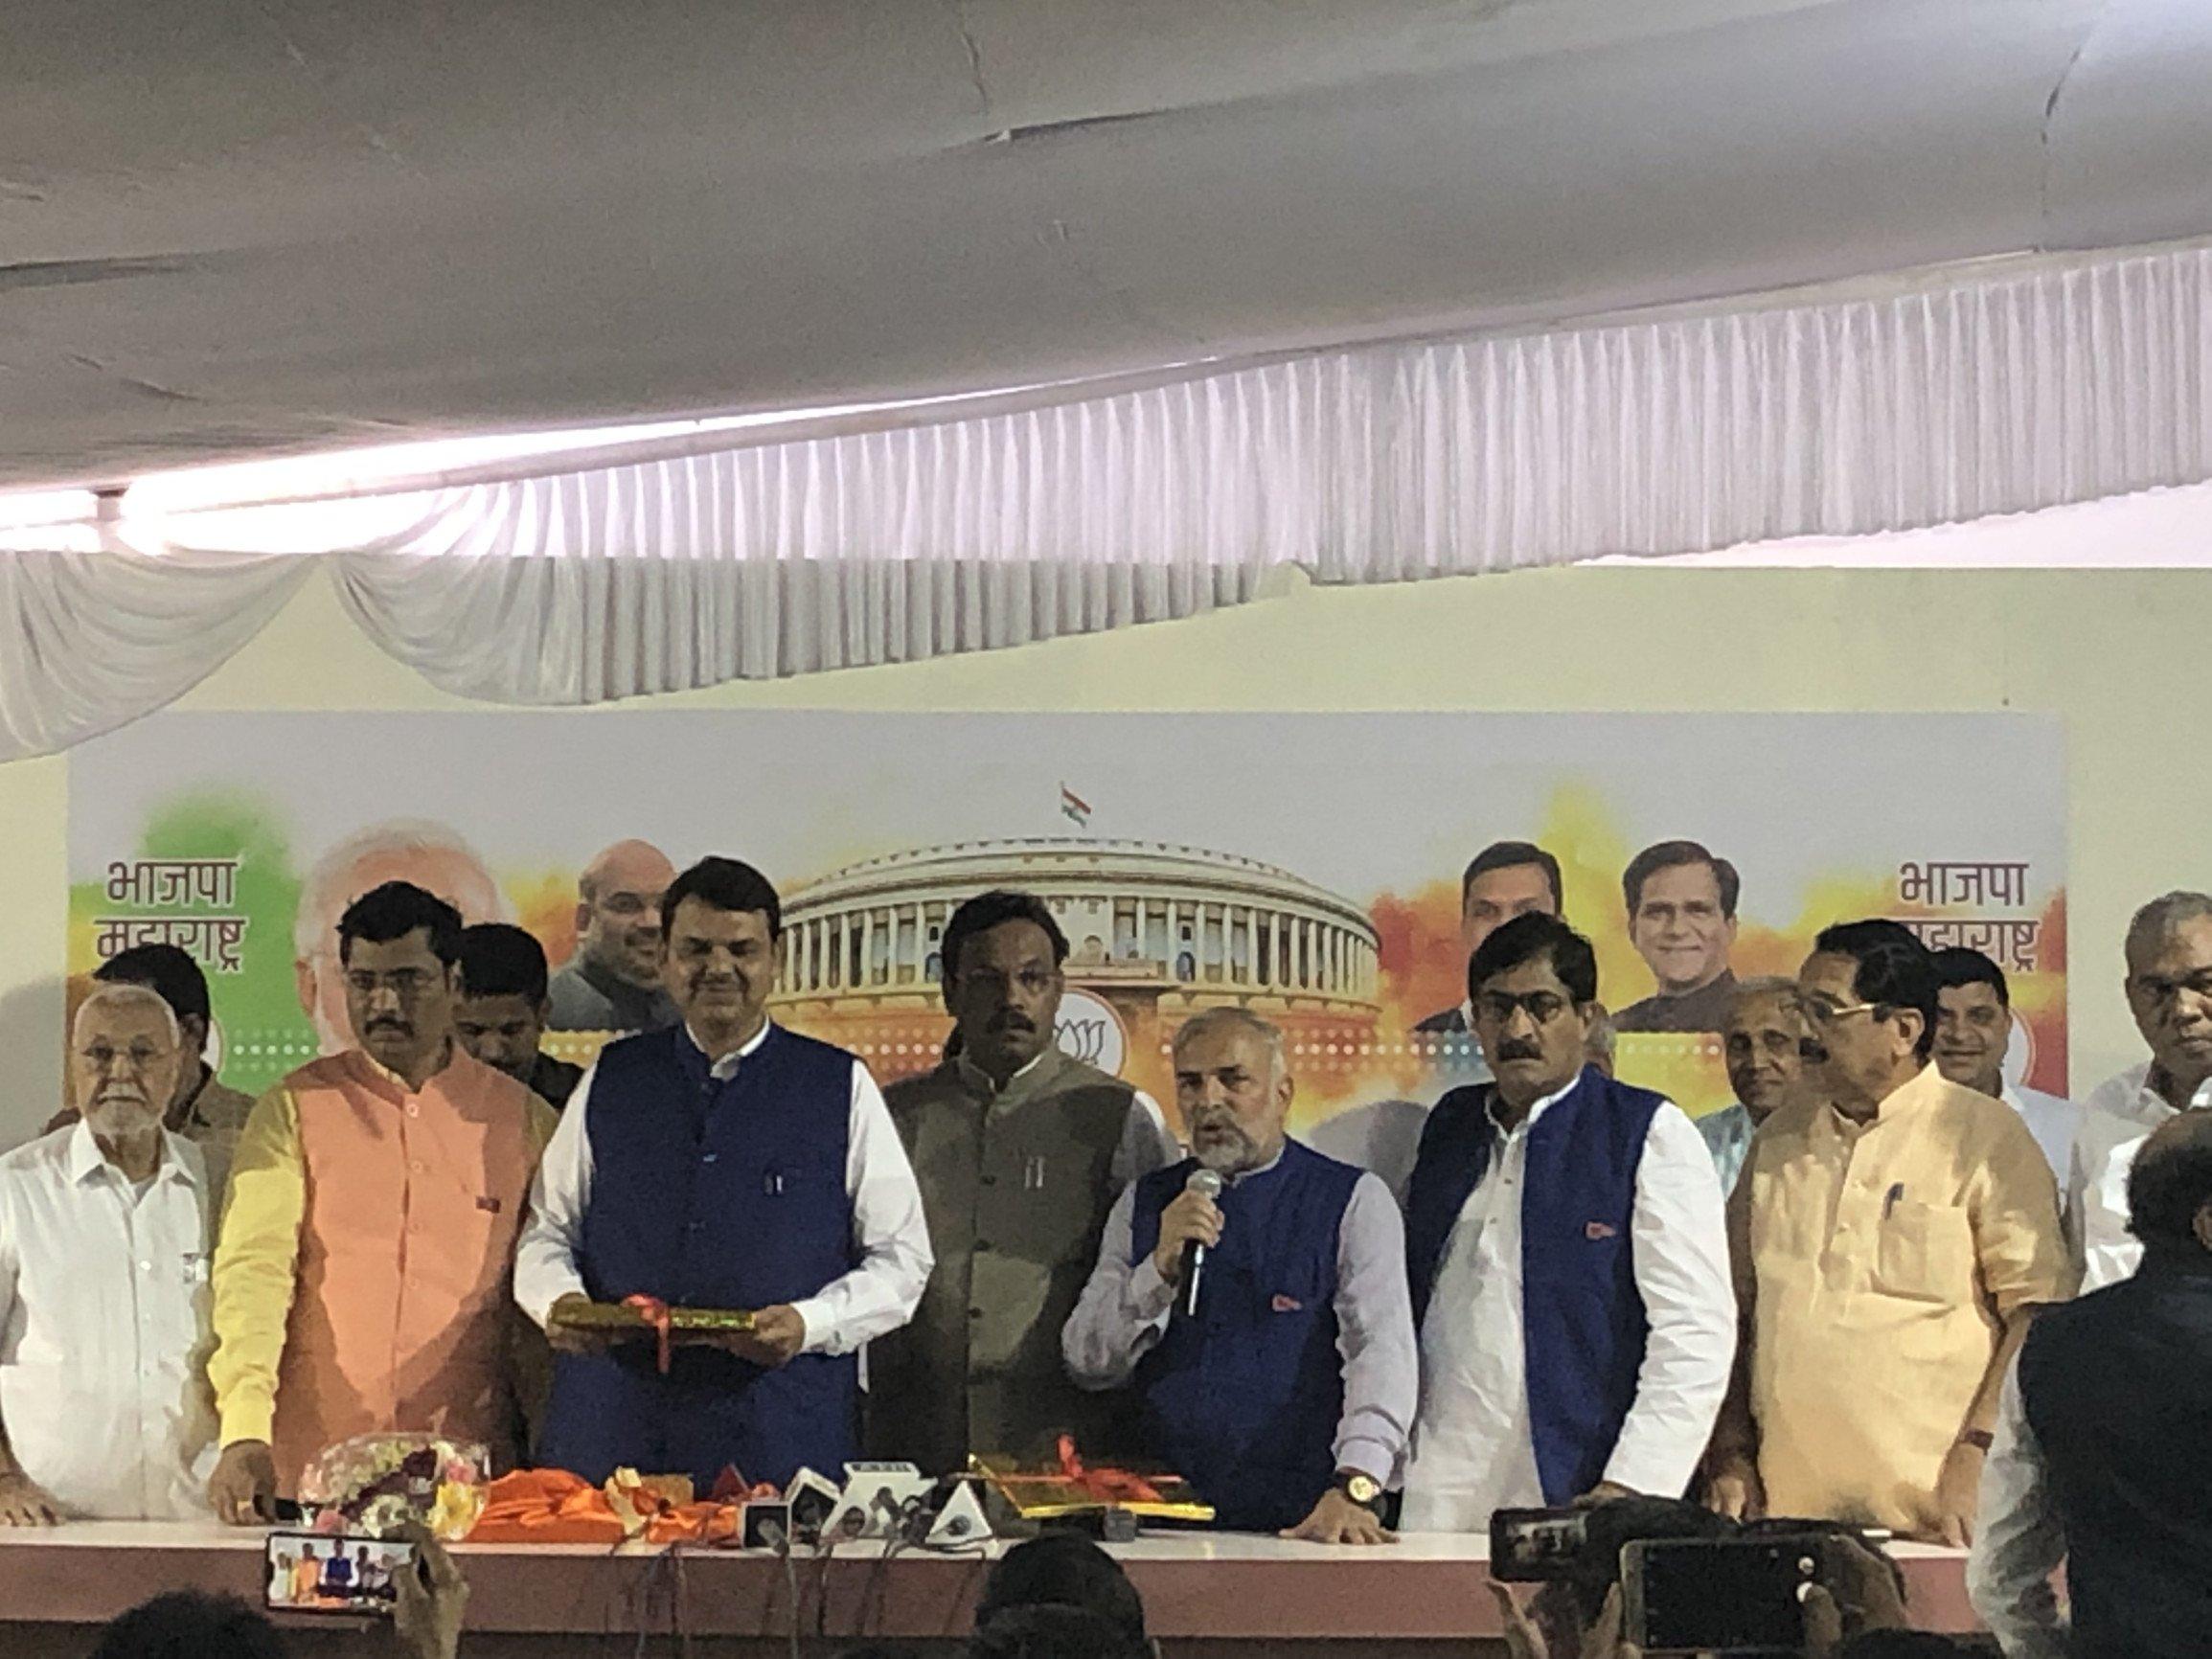 We will set a new record in Maharashtra: CM Devendra Fadnavis on Lok Sabha polls